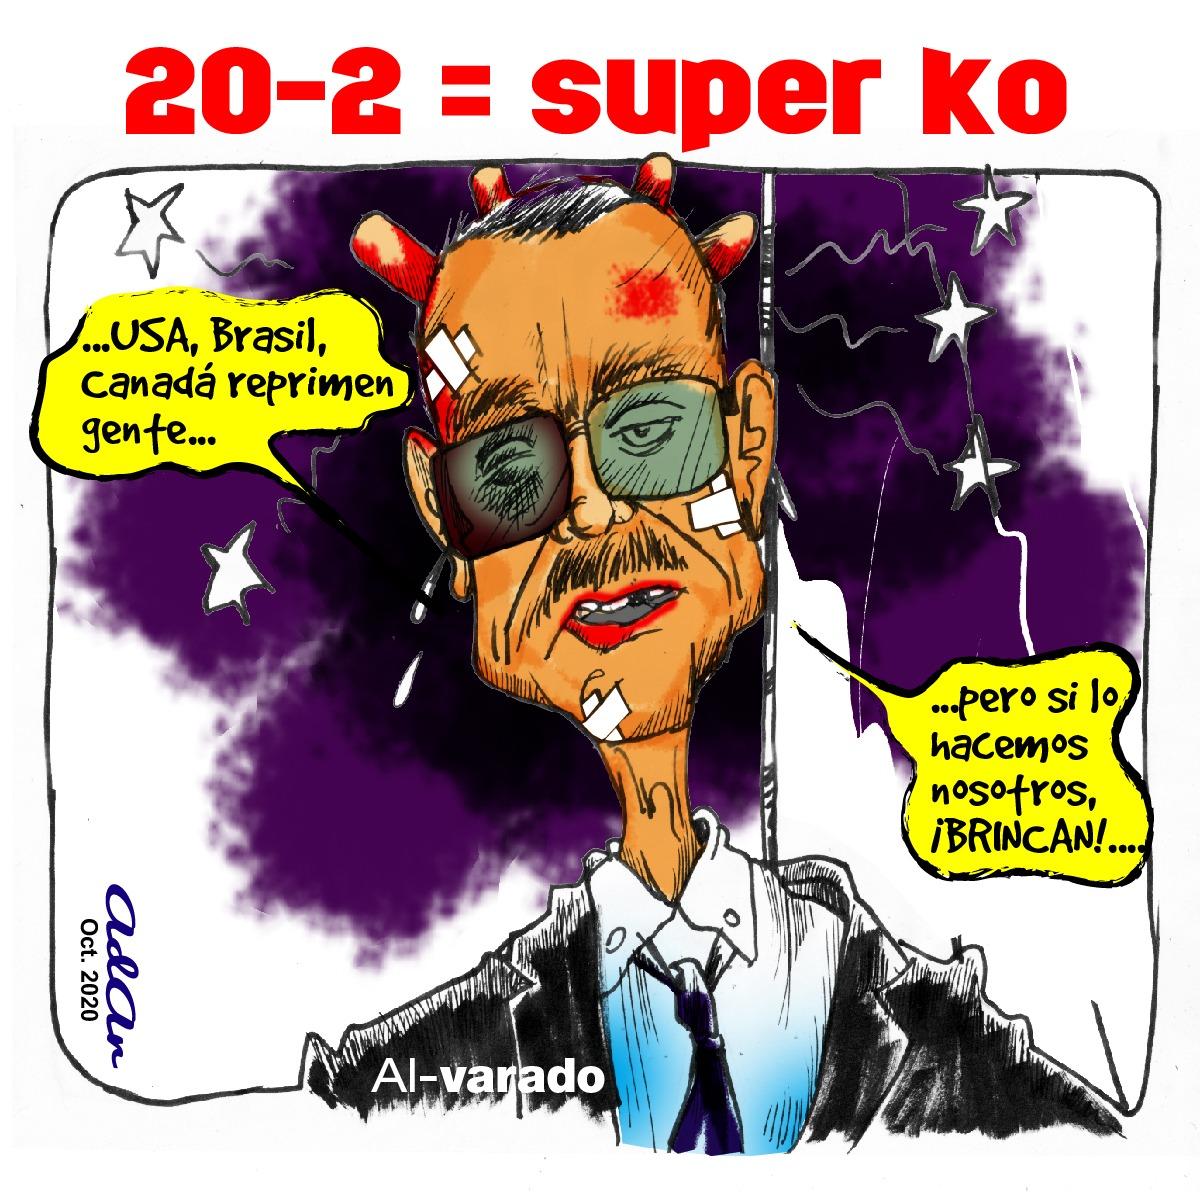 caricatura ip 22 10